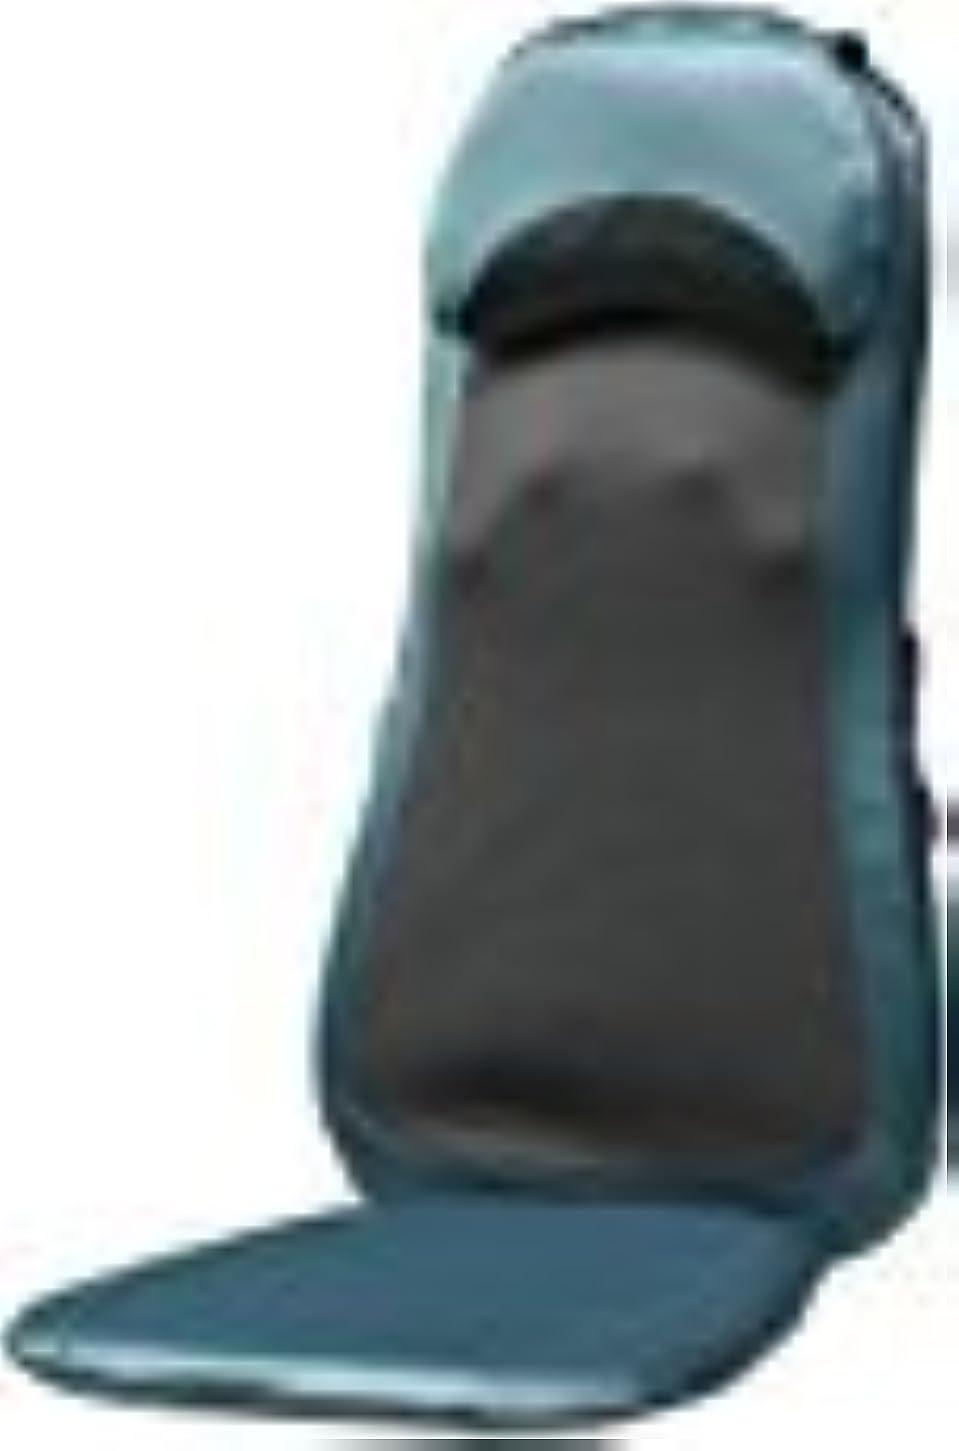 ラショナル驚き結果としてドクターエア 3Dマッサージシート (ブルー)